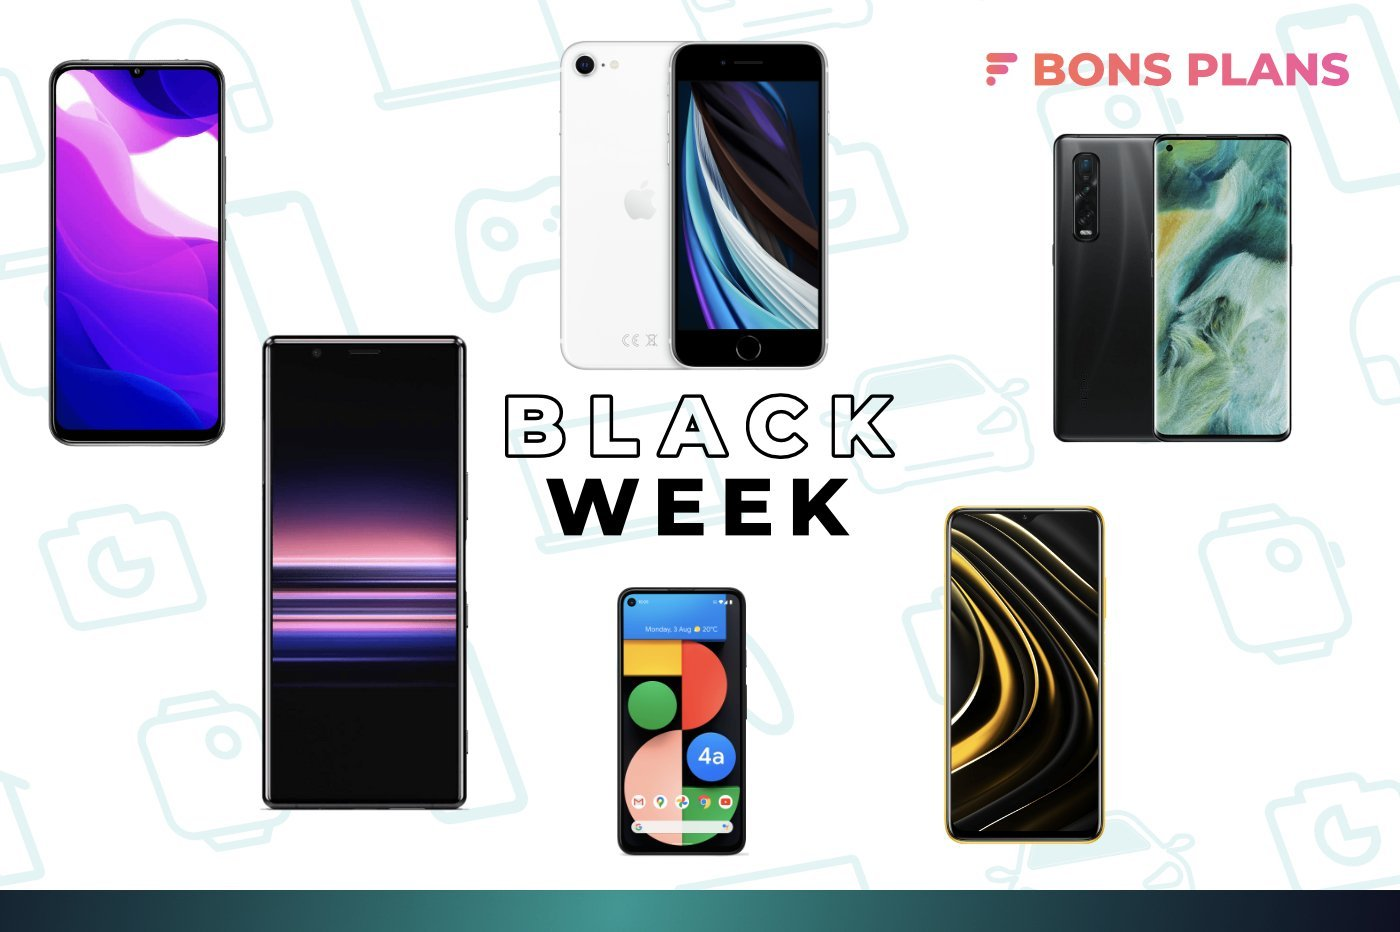 Il est temps de changer de smartphone avec le Black Friday : voici le TOP 15